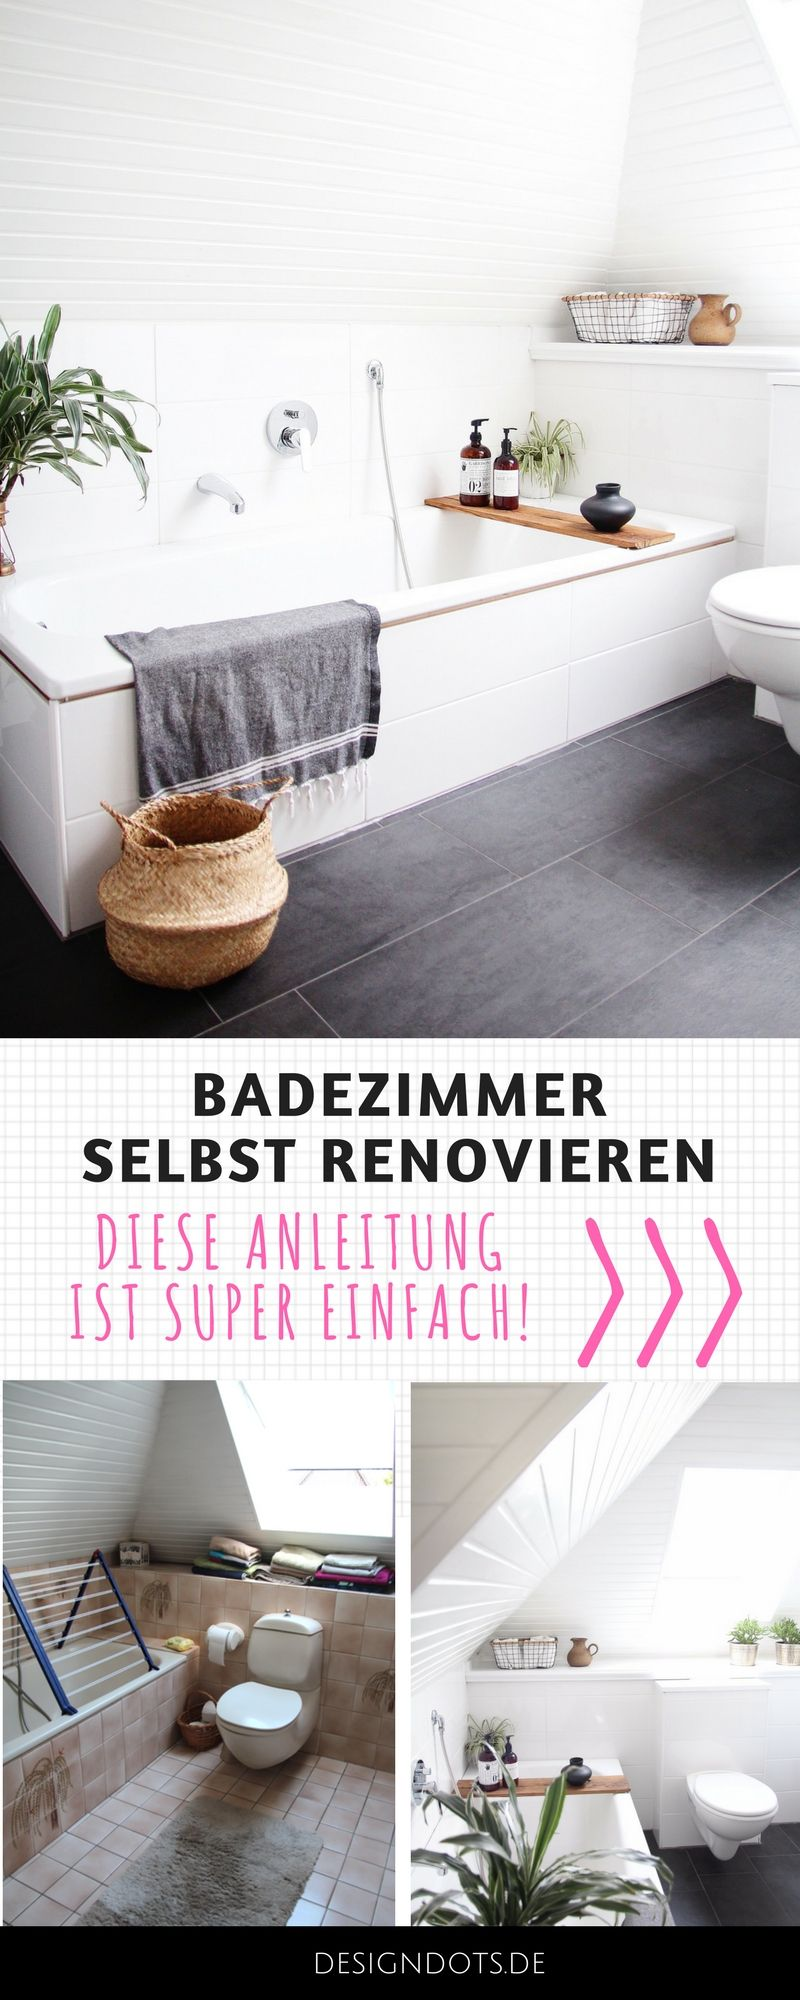 Badezimmer selbst renovieren: vorher/nachher | Pinterest | Vorher ...